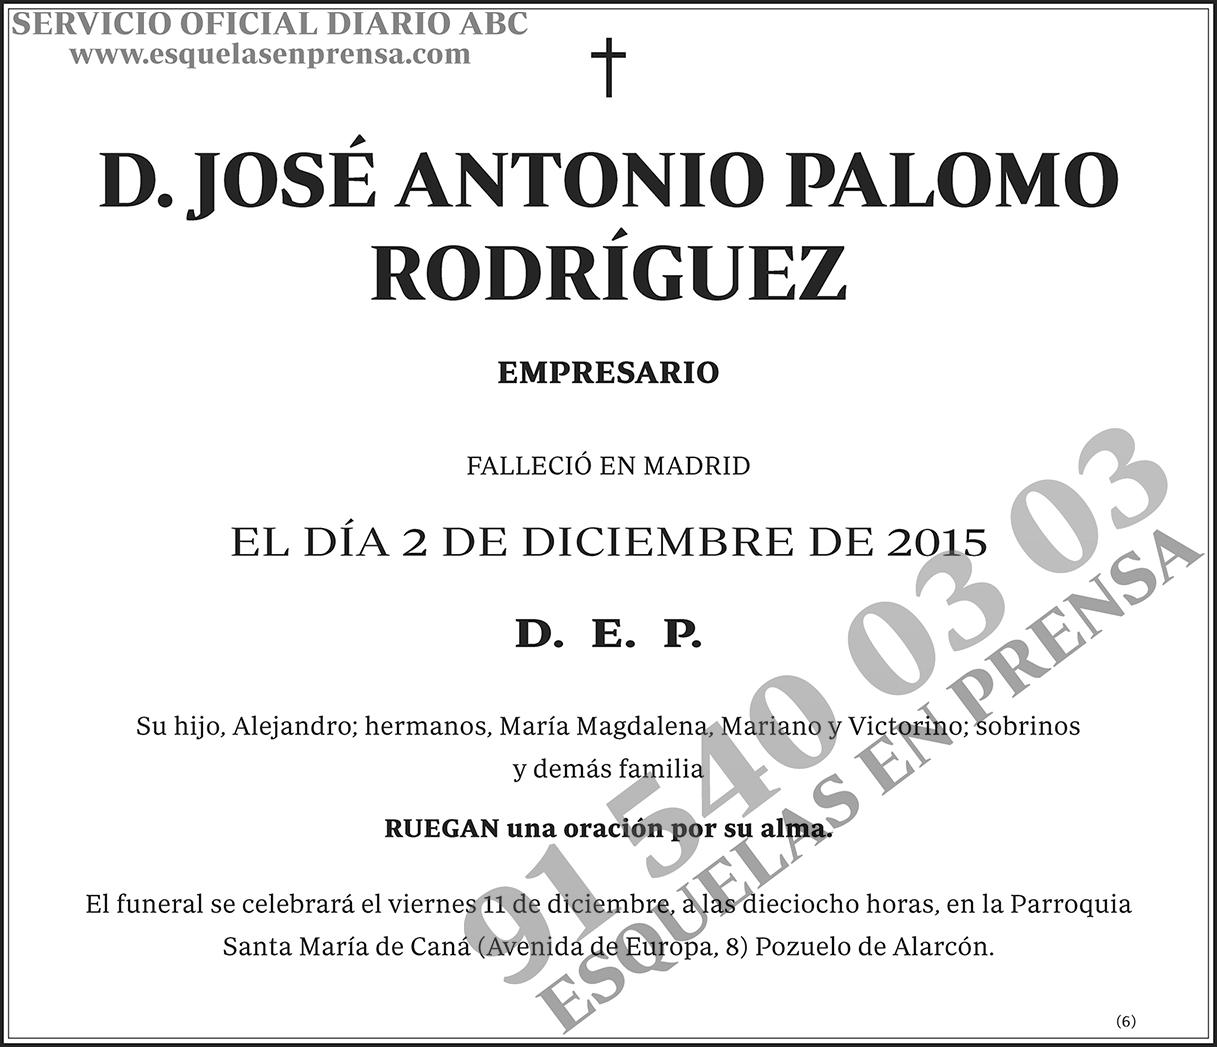 José Antonio Palomo Rodríguez